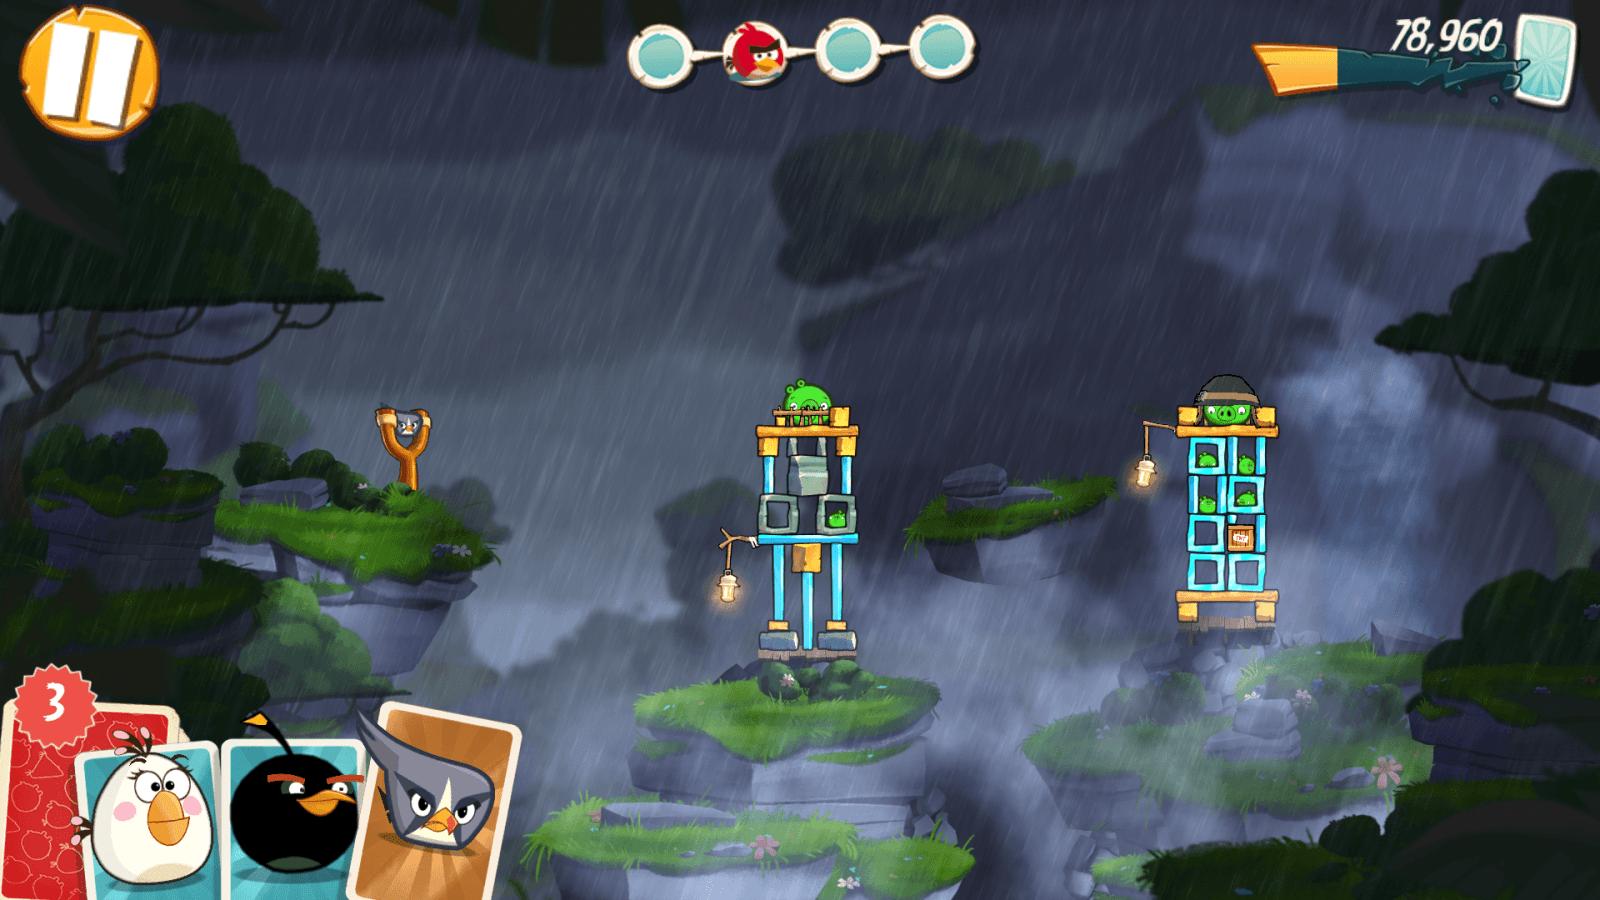 Screenshot 2015 08 24 02 47 23 - Прохождение боссов Angry Birds 2, часть 3